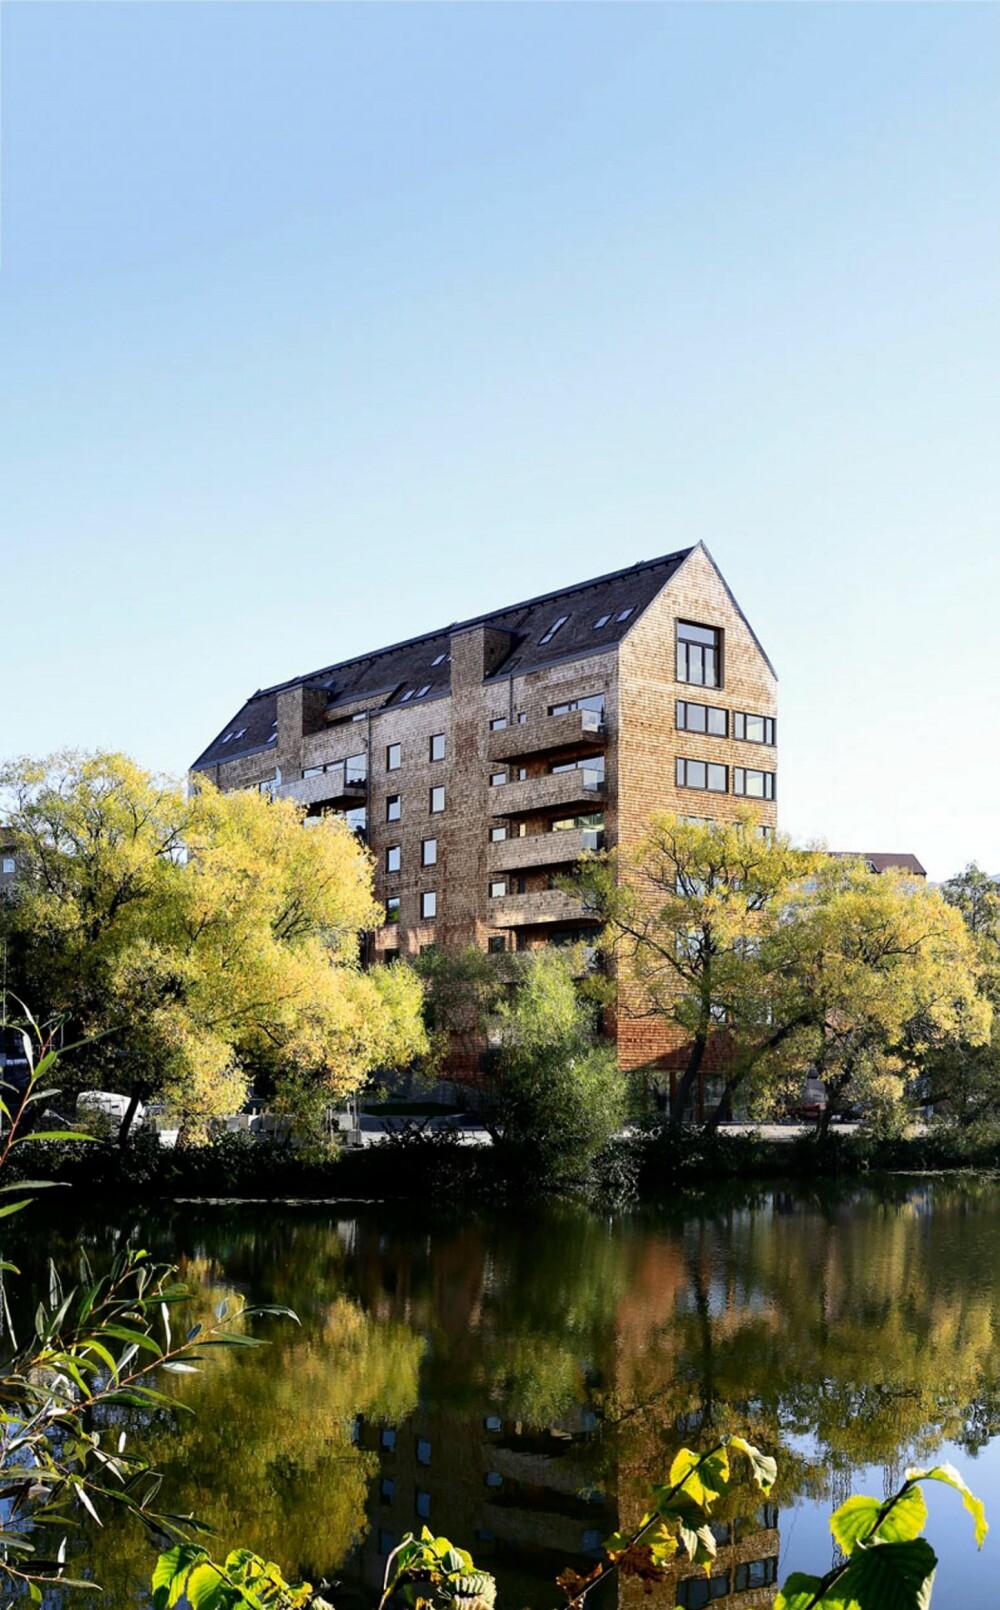 TREKONSTRUKSJON: Boligkomplekset inneholder 31 leiligheter og er i sin helhet bygget i tre.